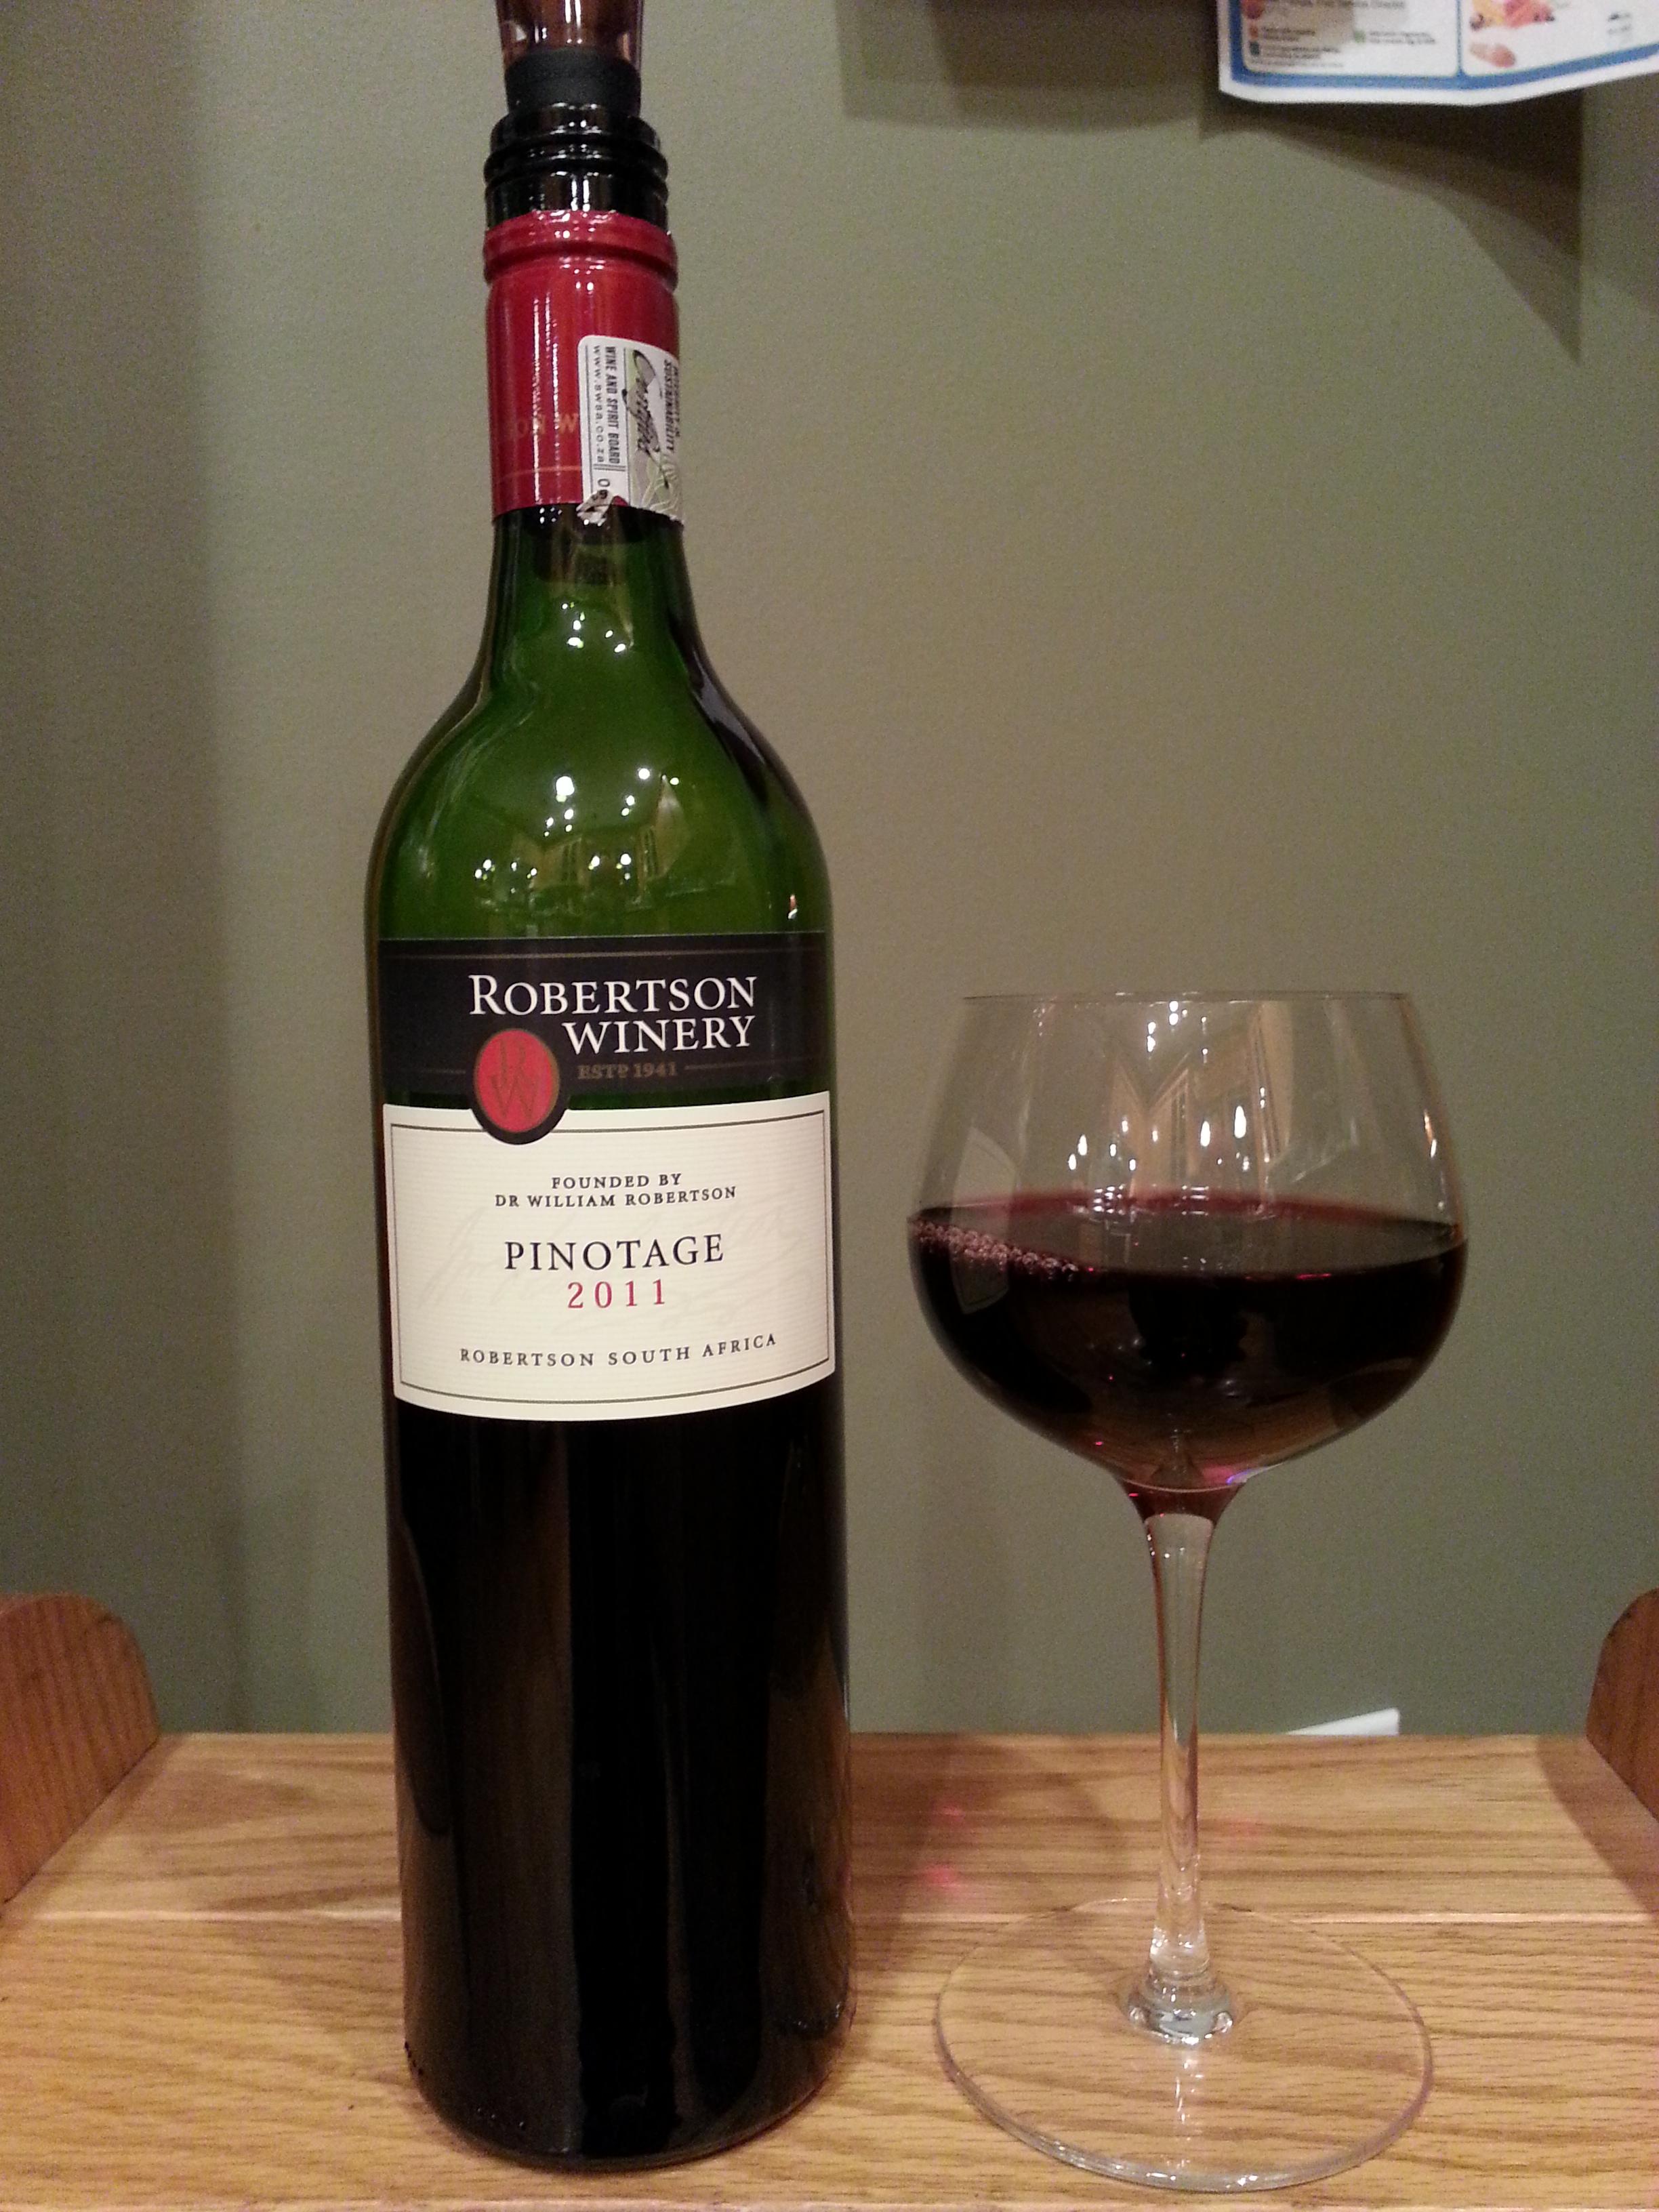 Robertson Winery Pinotage (2011)